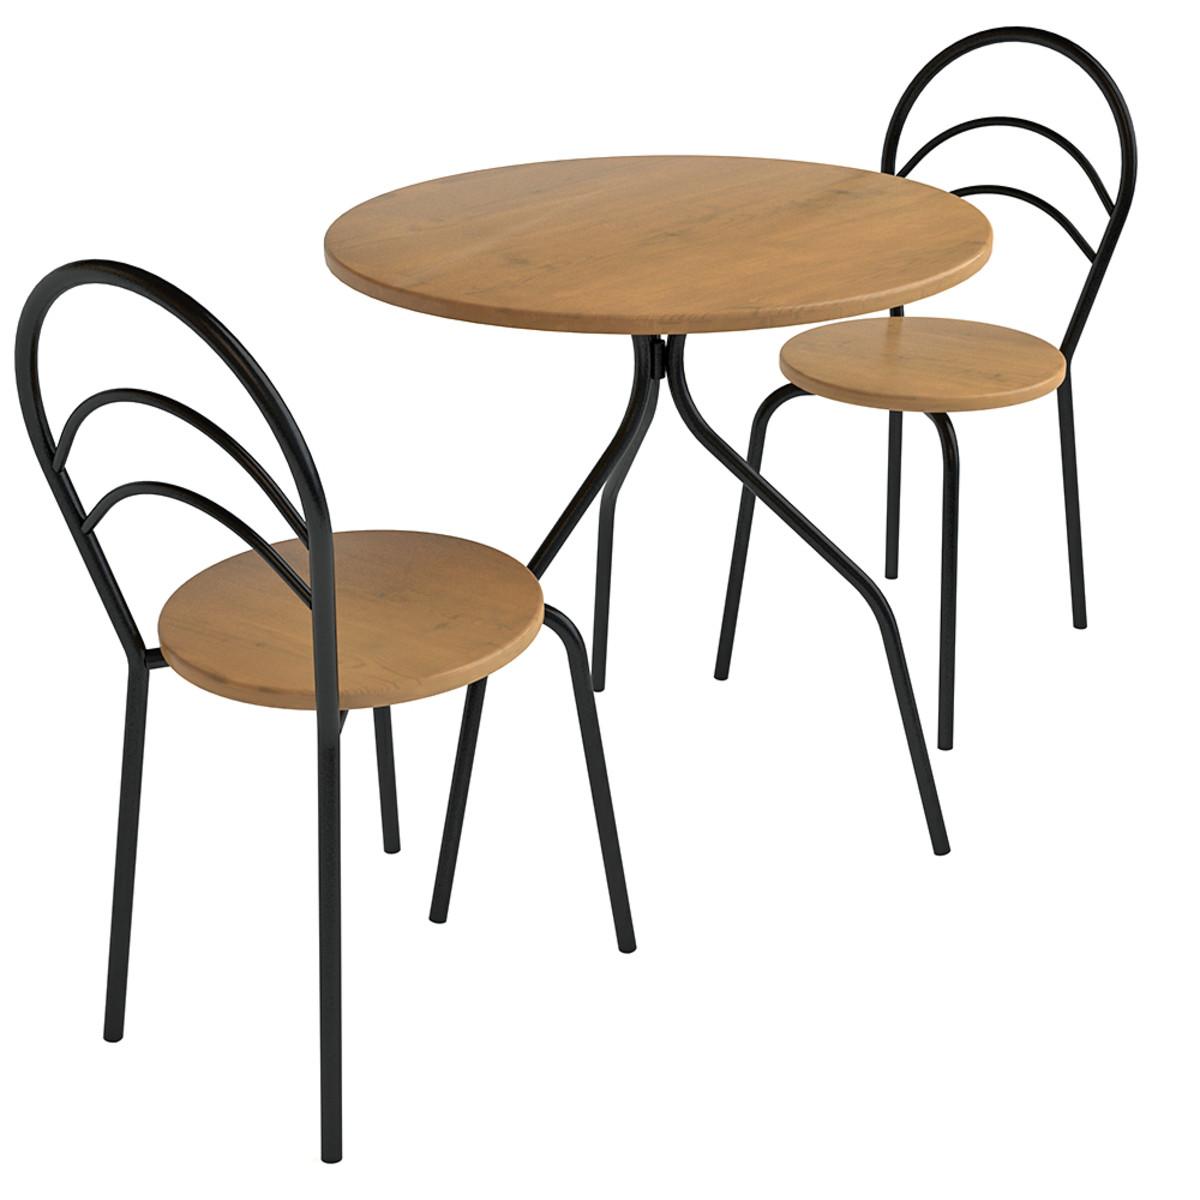 Набор садовой мебели Tet-a-tet